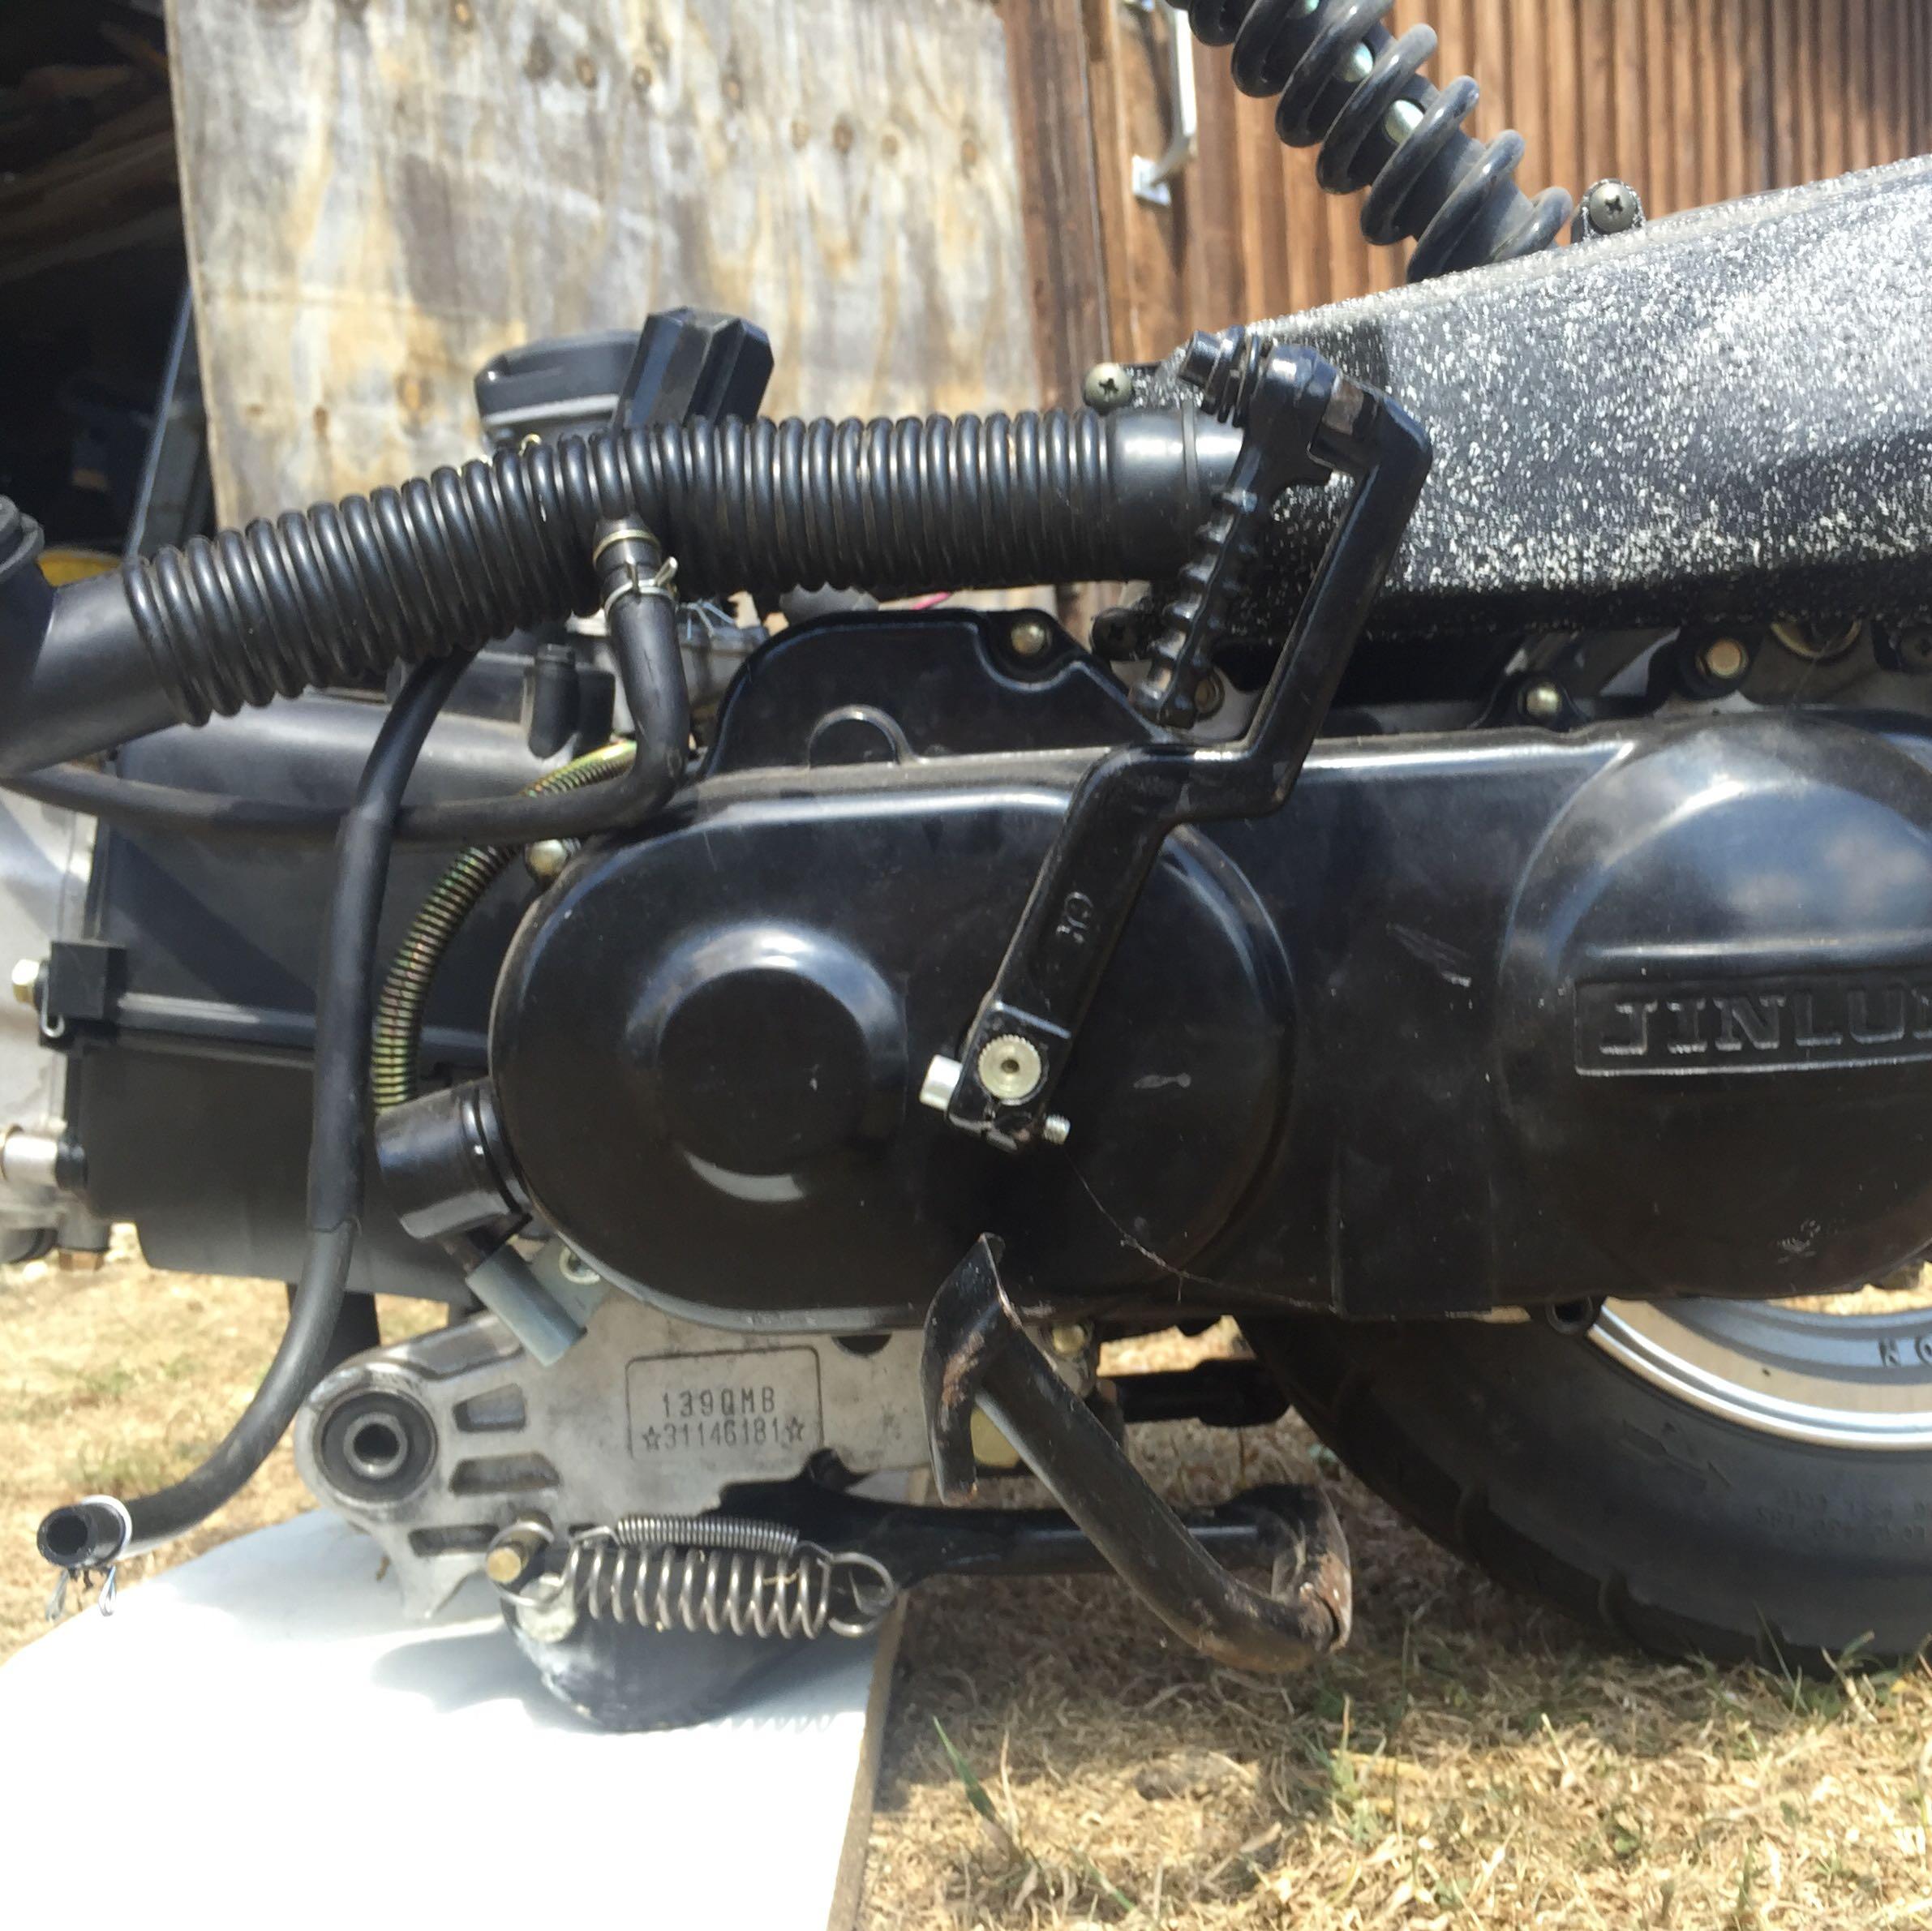 Rex Roller Motor, welche Teile brauche ich noch? (KFZ, 50ccm, Zweirad)